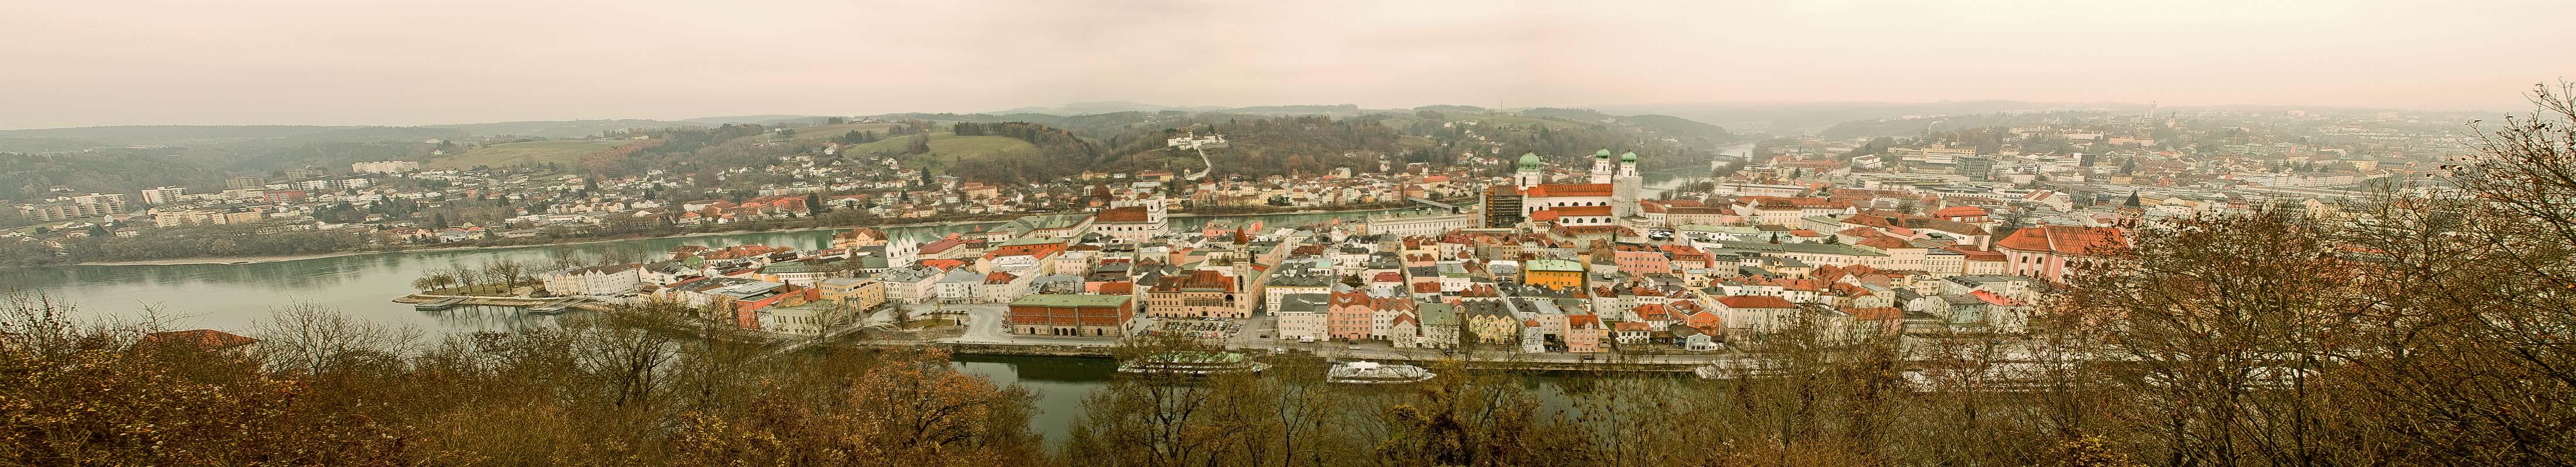 Passau panorama